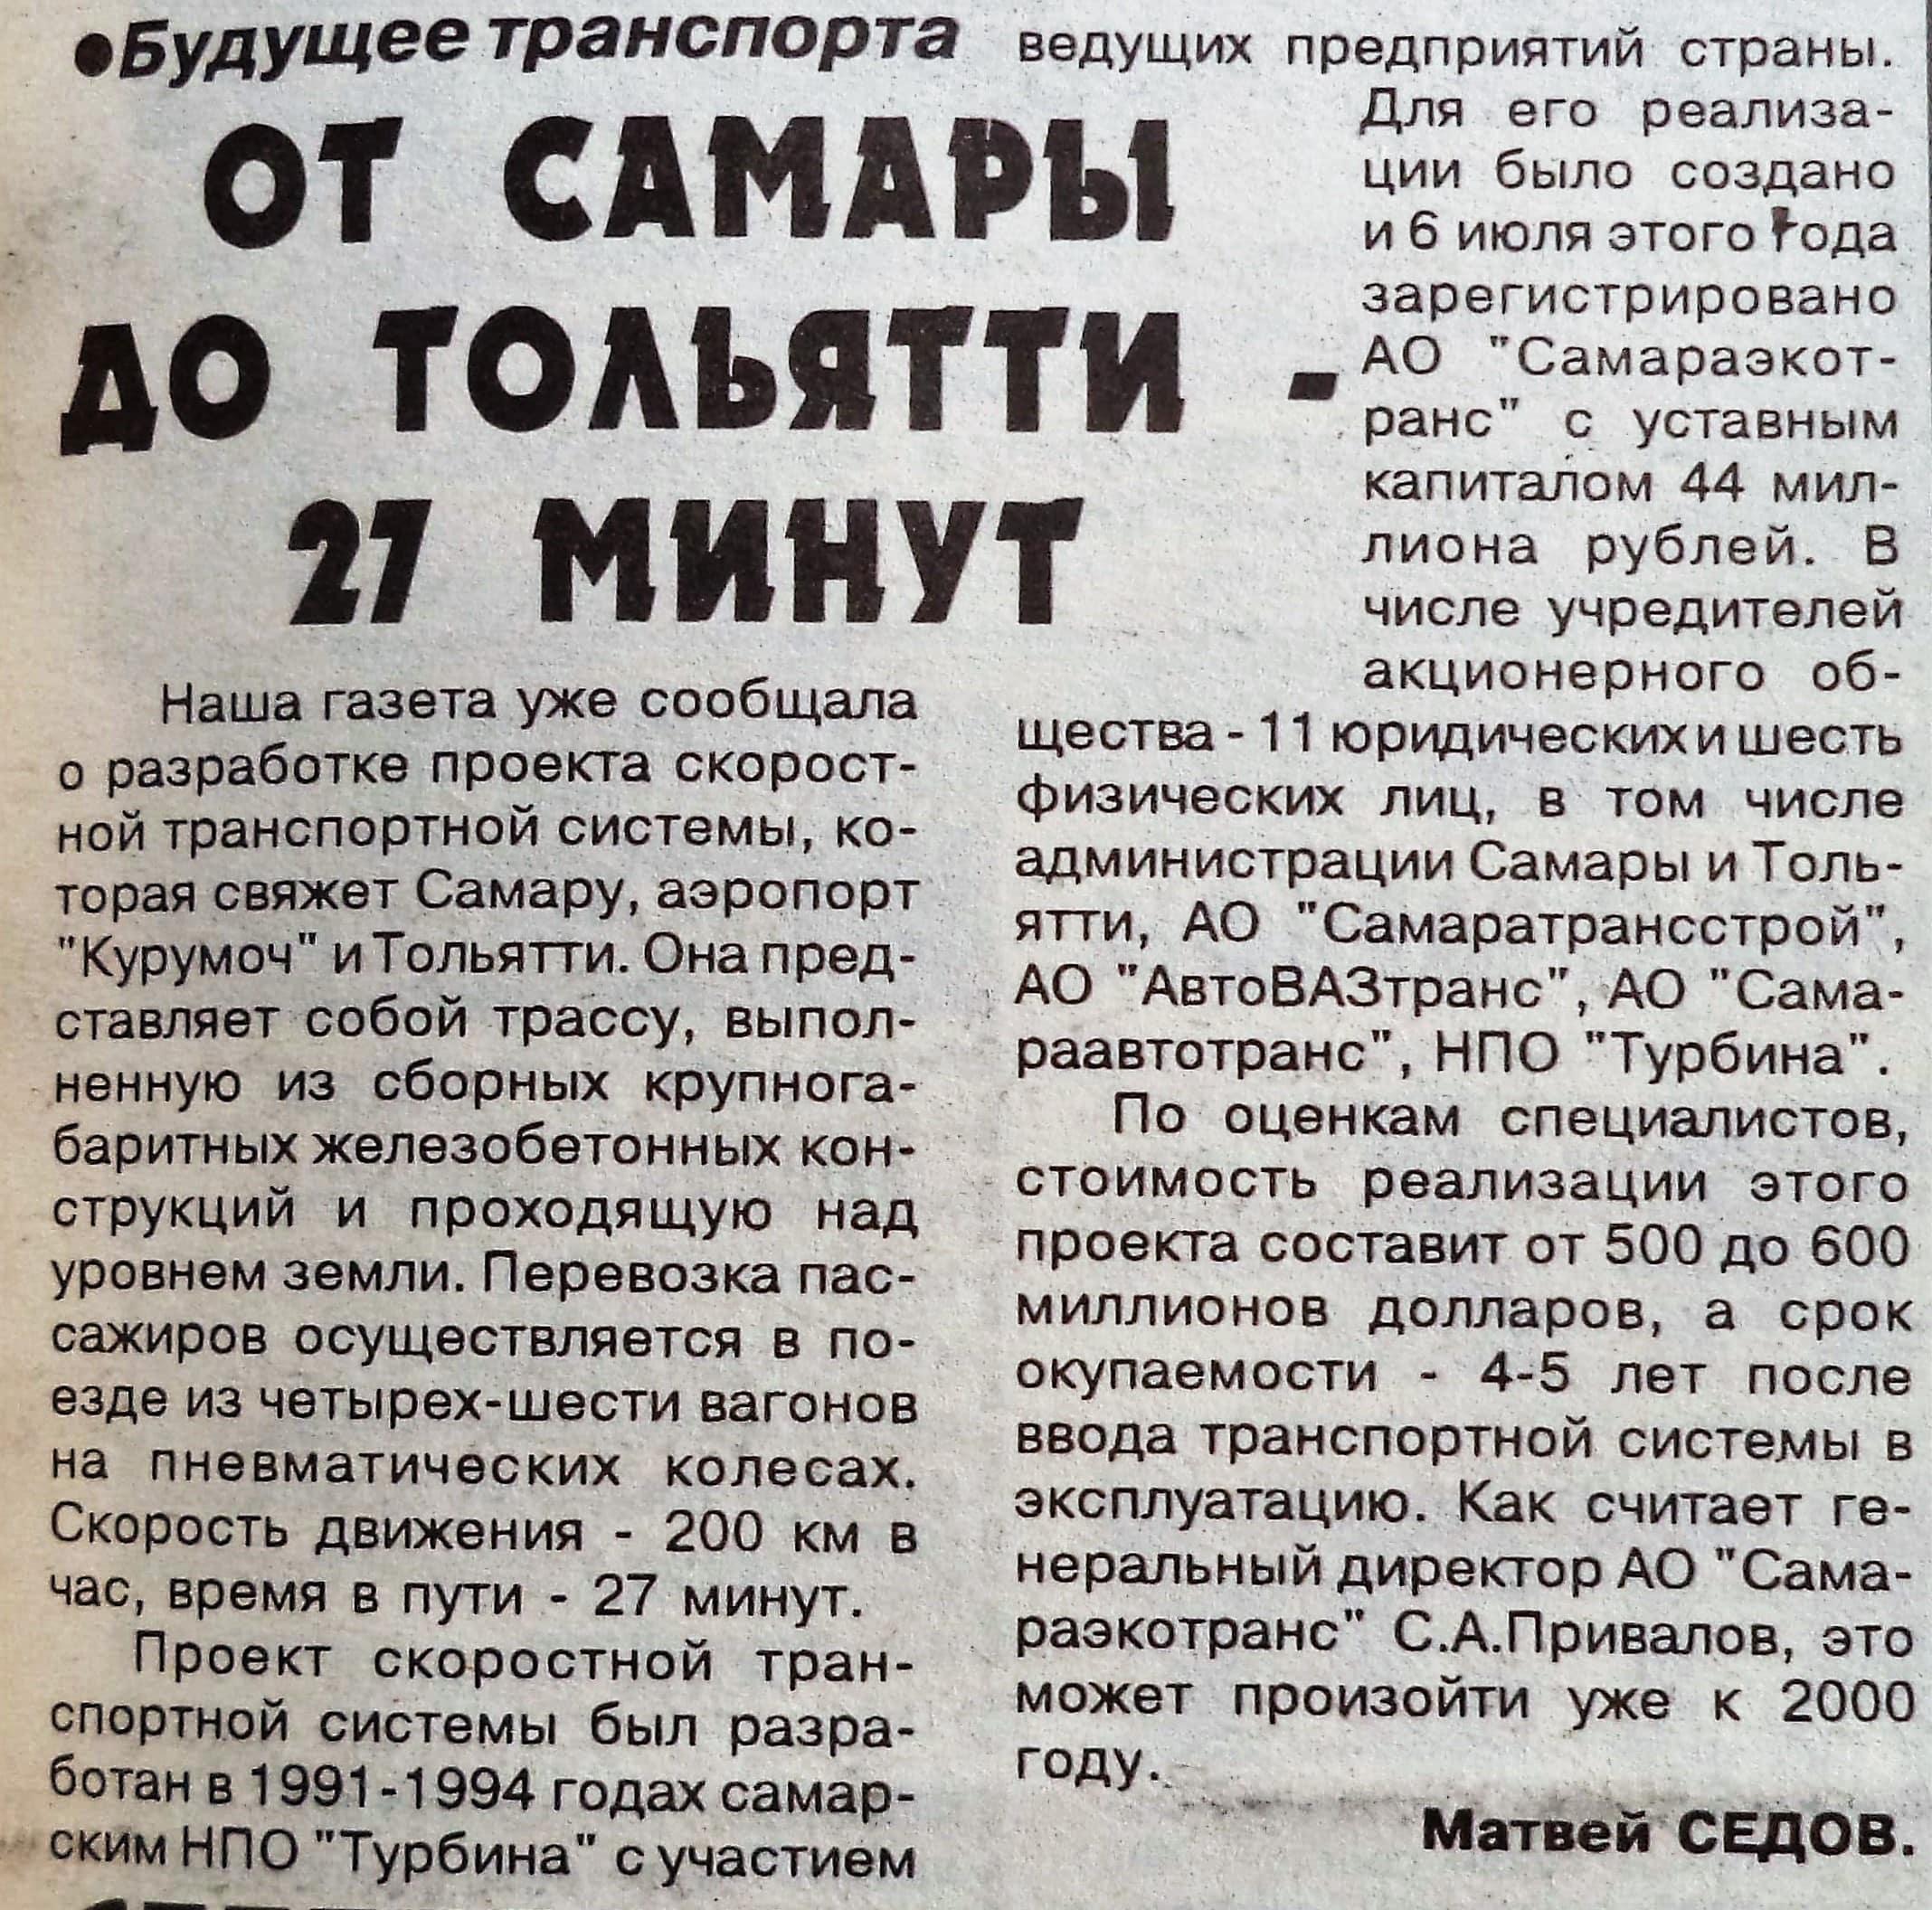 Скоростная железная дорога Самара - Тольятти